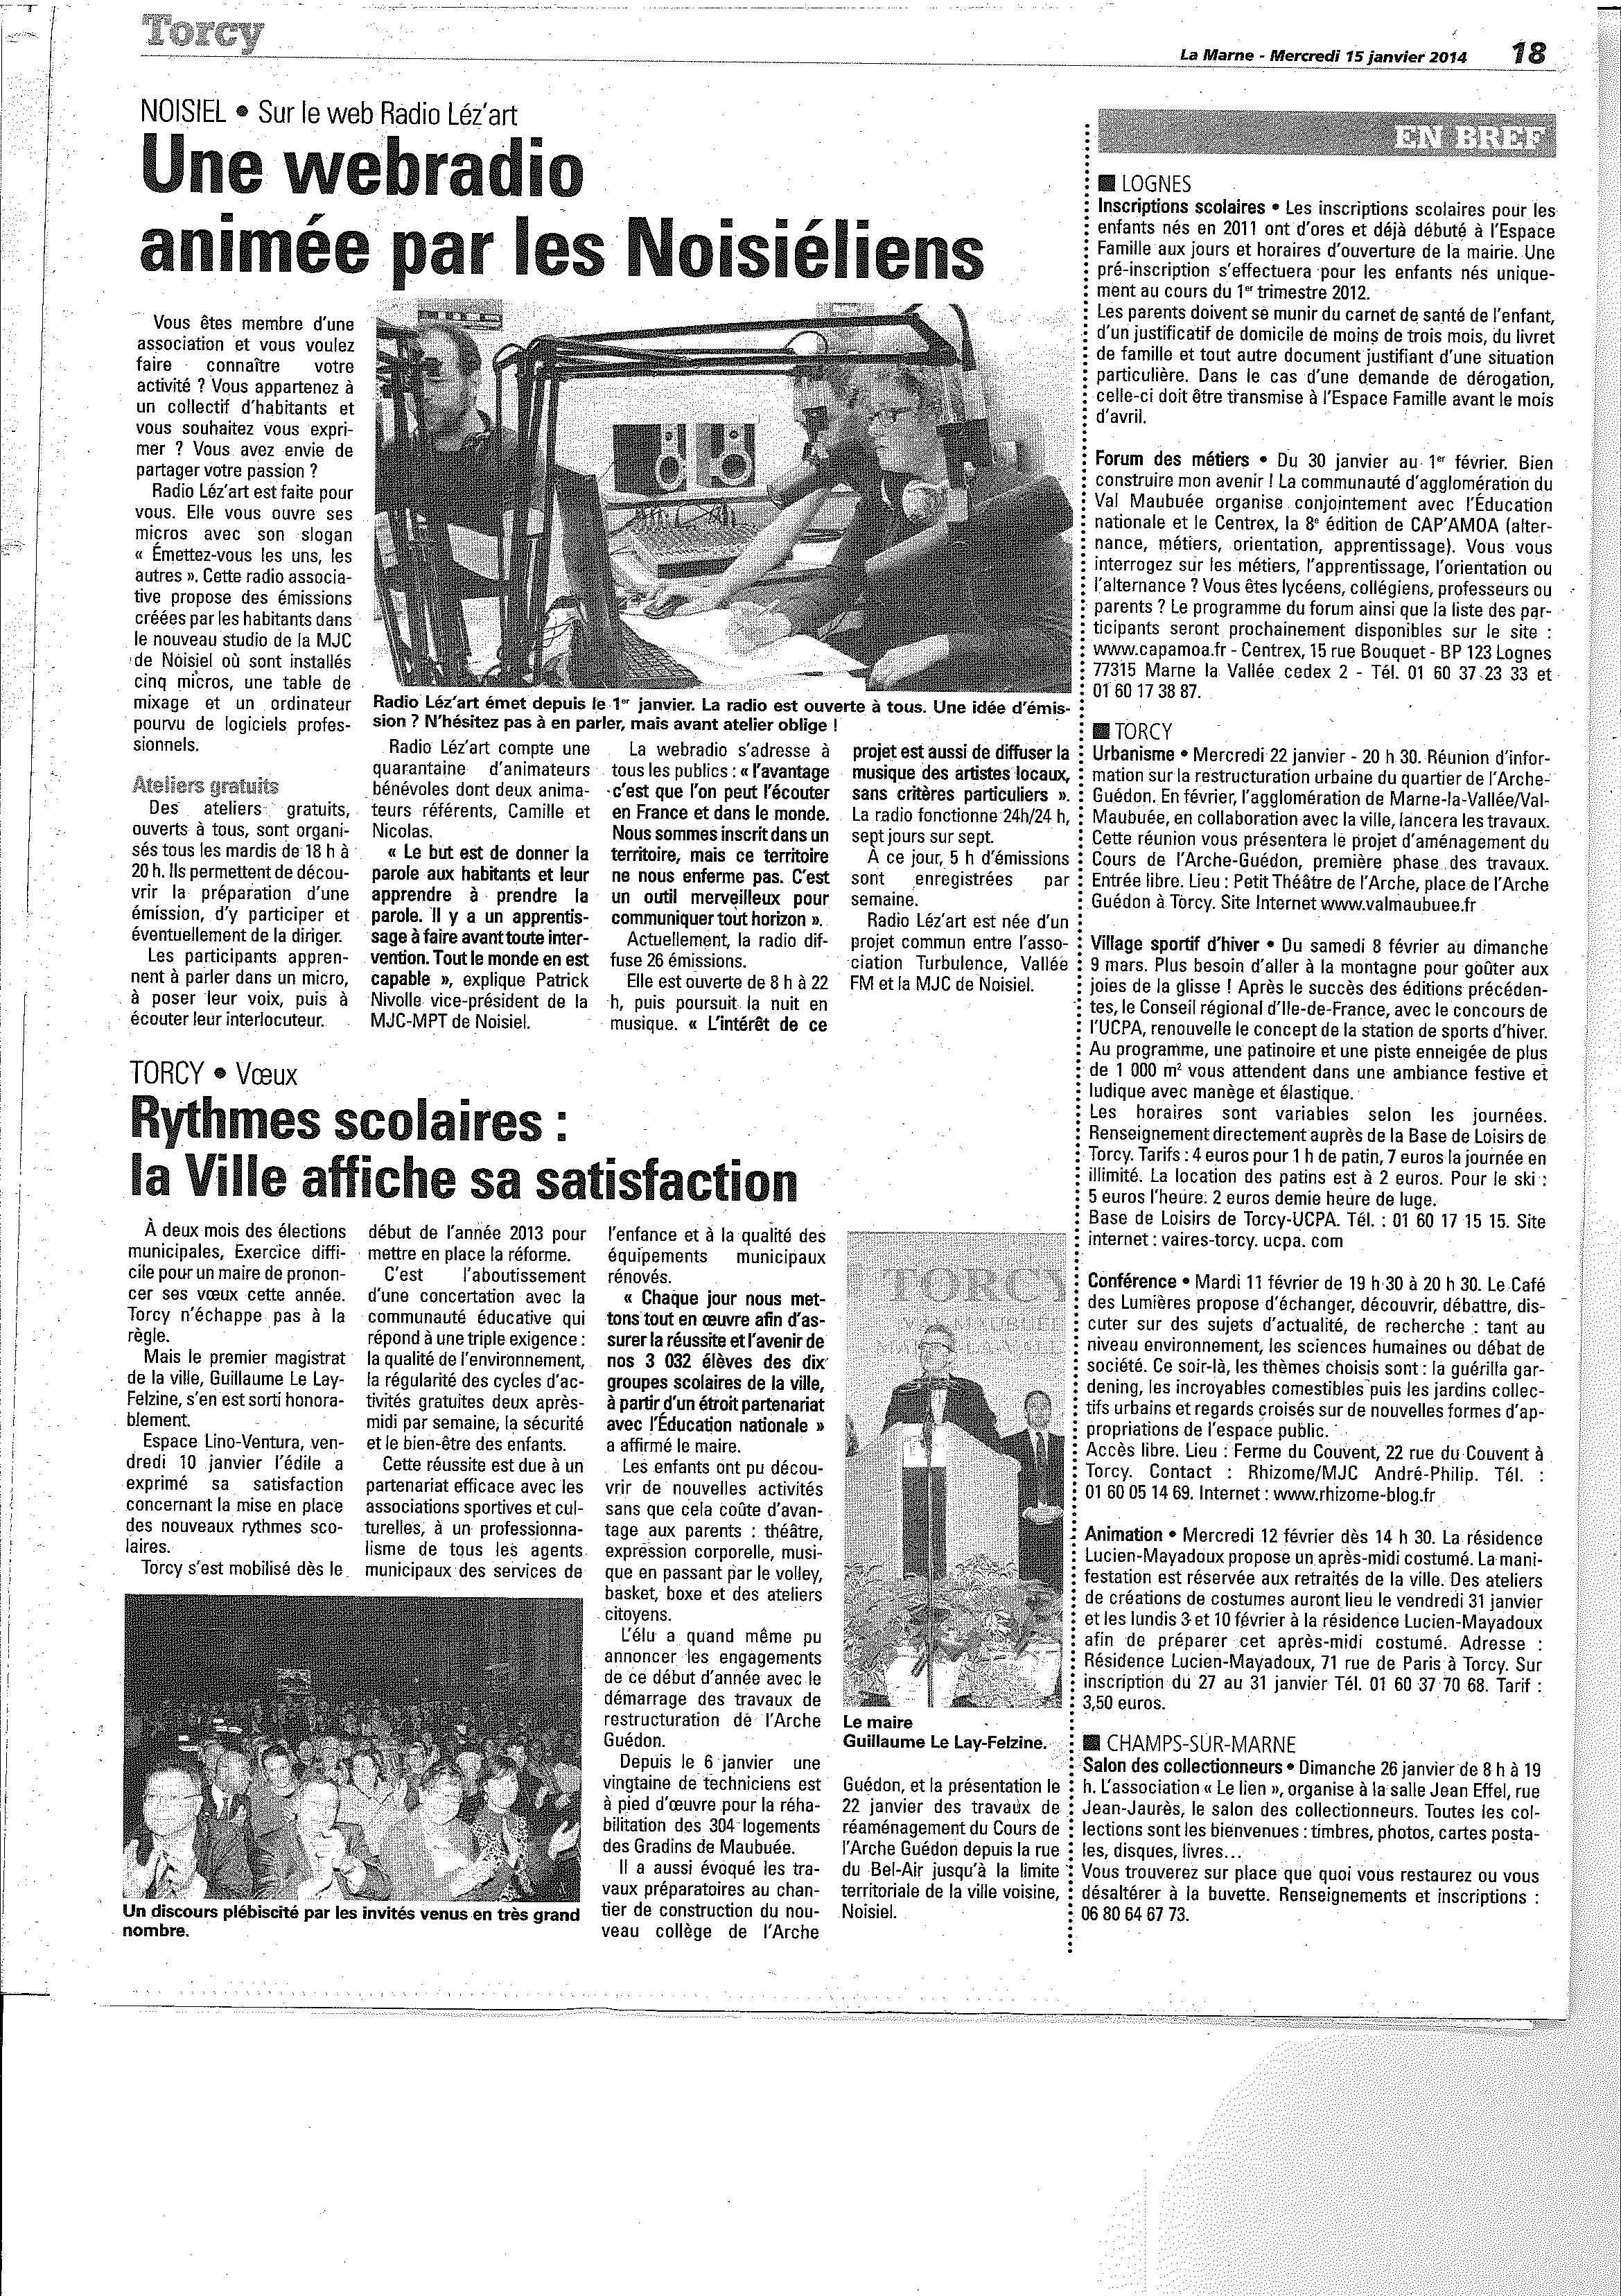 radiolezart la marne janvier 2014